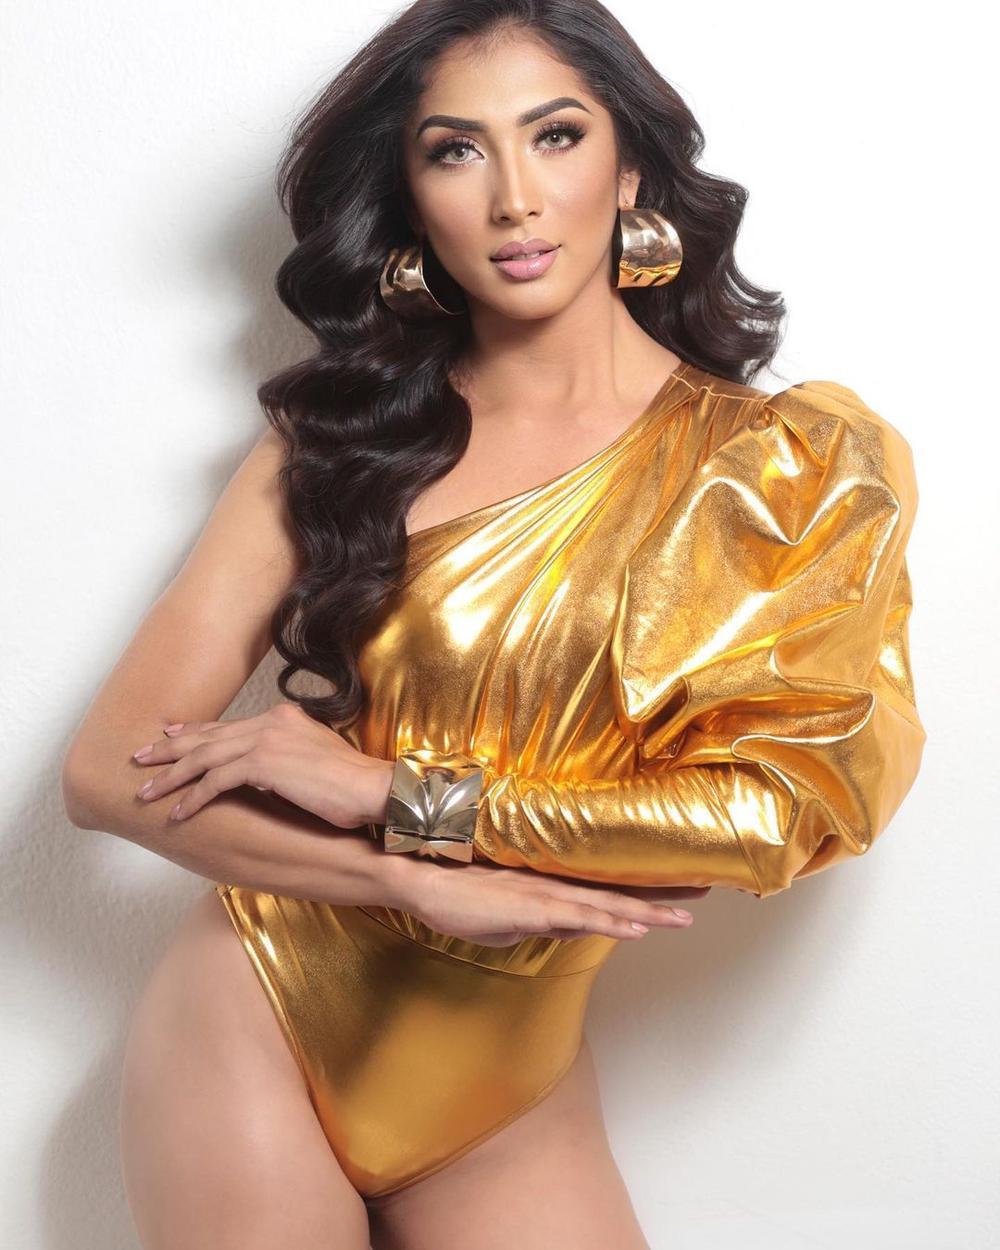 12 thí sinh đầu tiên dự thi Miss International Queen 2021: Trân Đài 'kèn cựa' mỹ nhân Thái Lan Ảnh 27